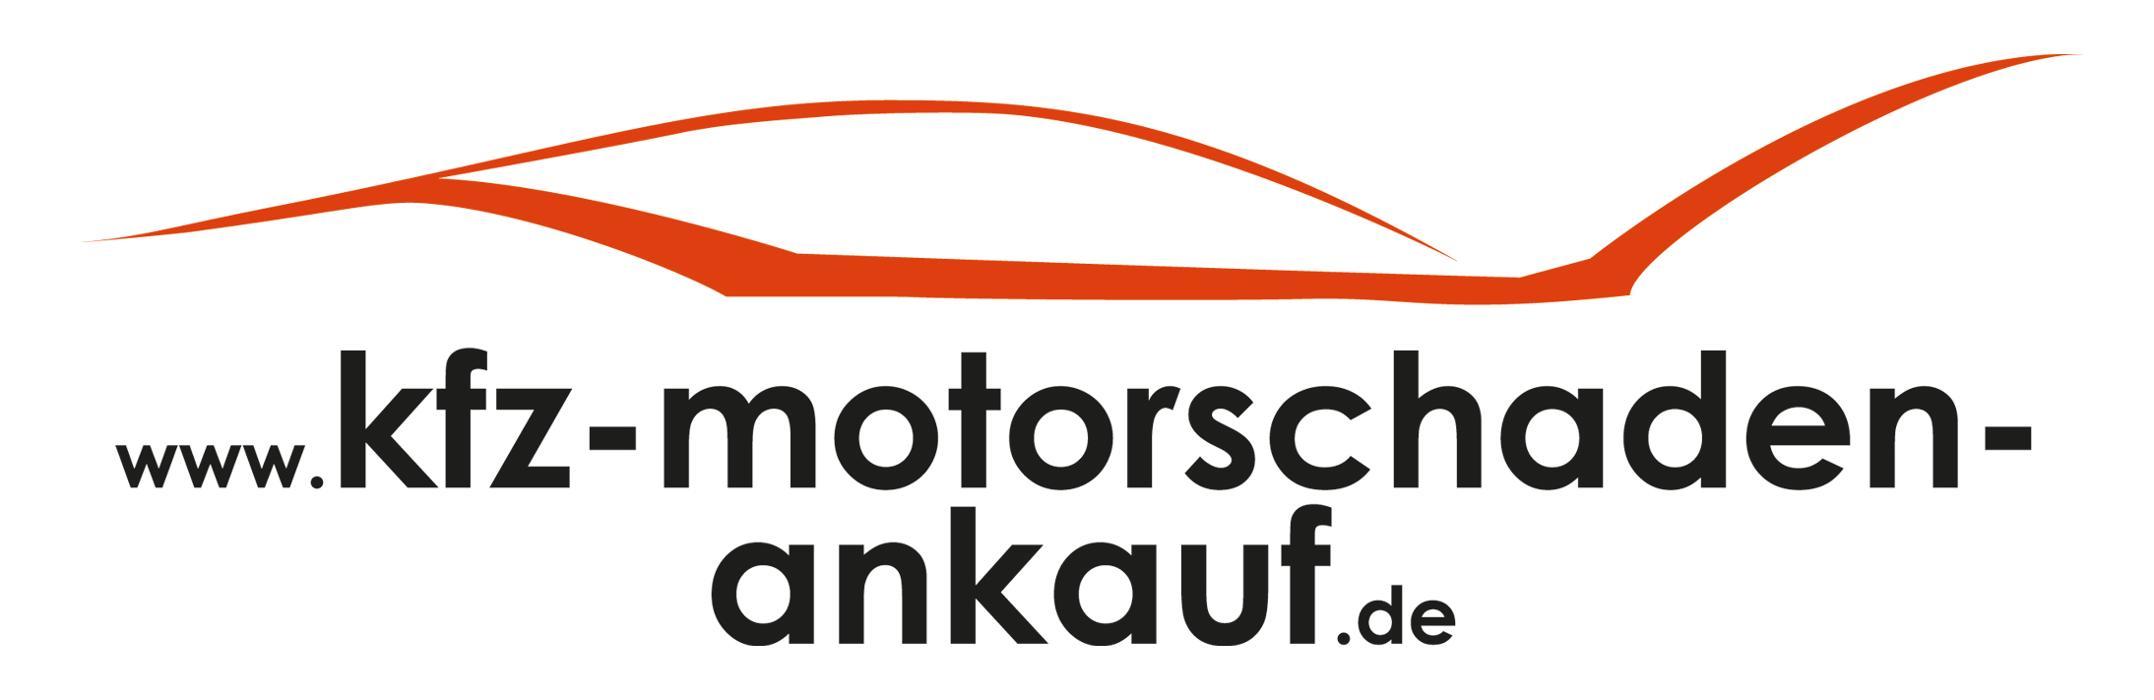 Bild zu Kfz-Motorschaden-Ankauf.de in Titz